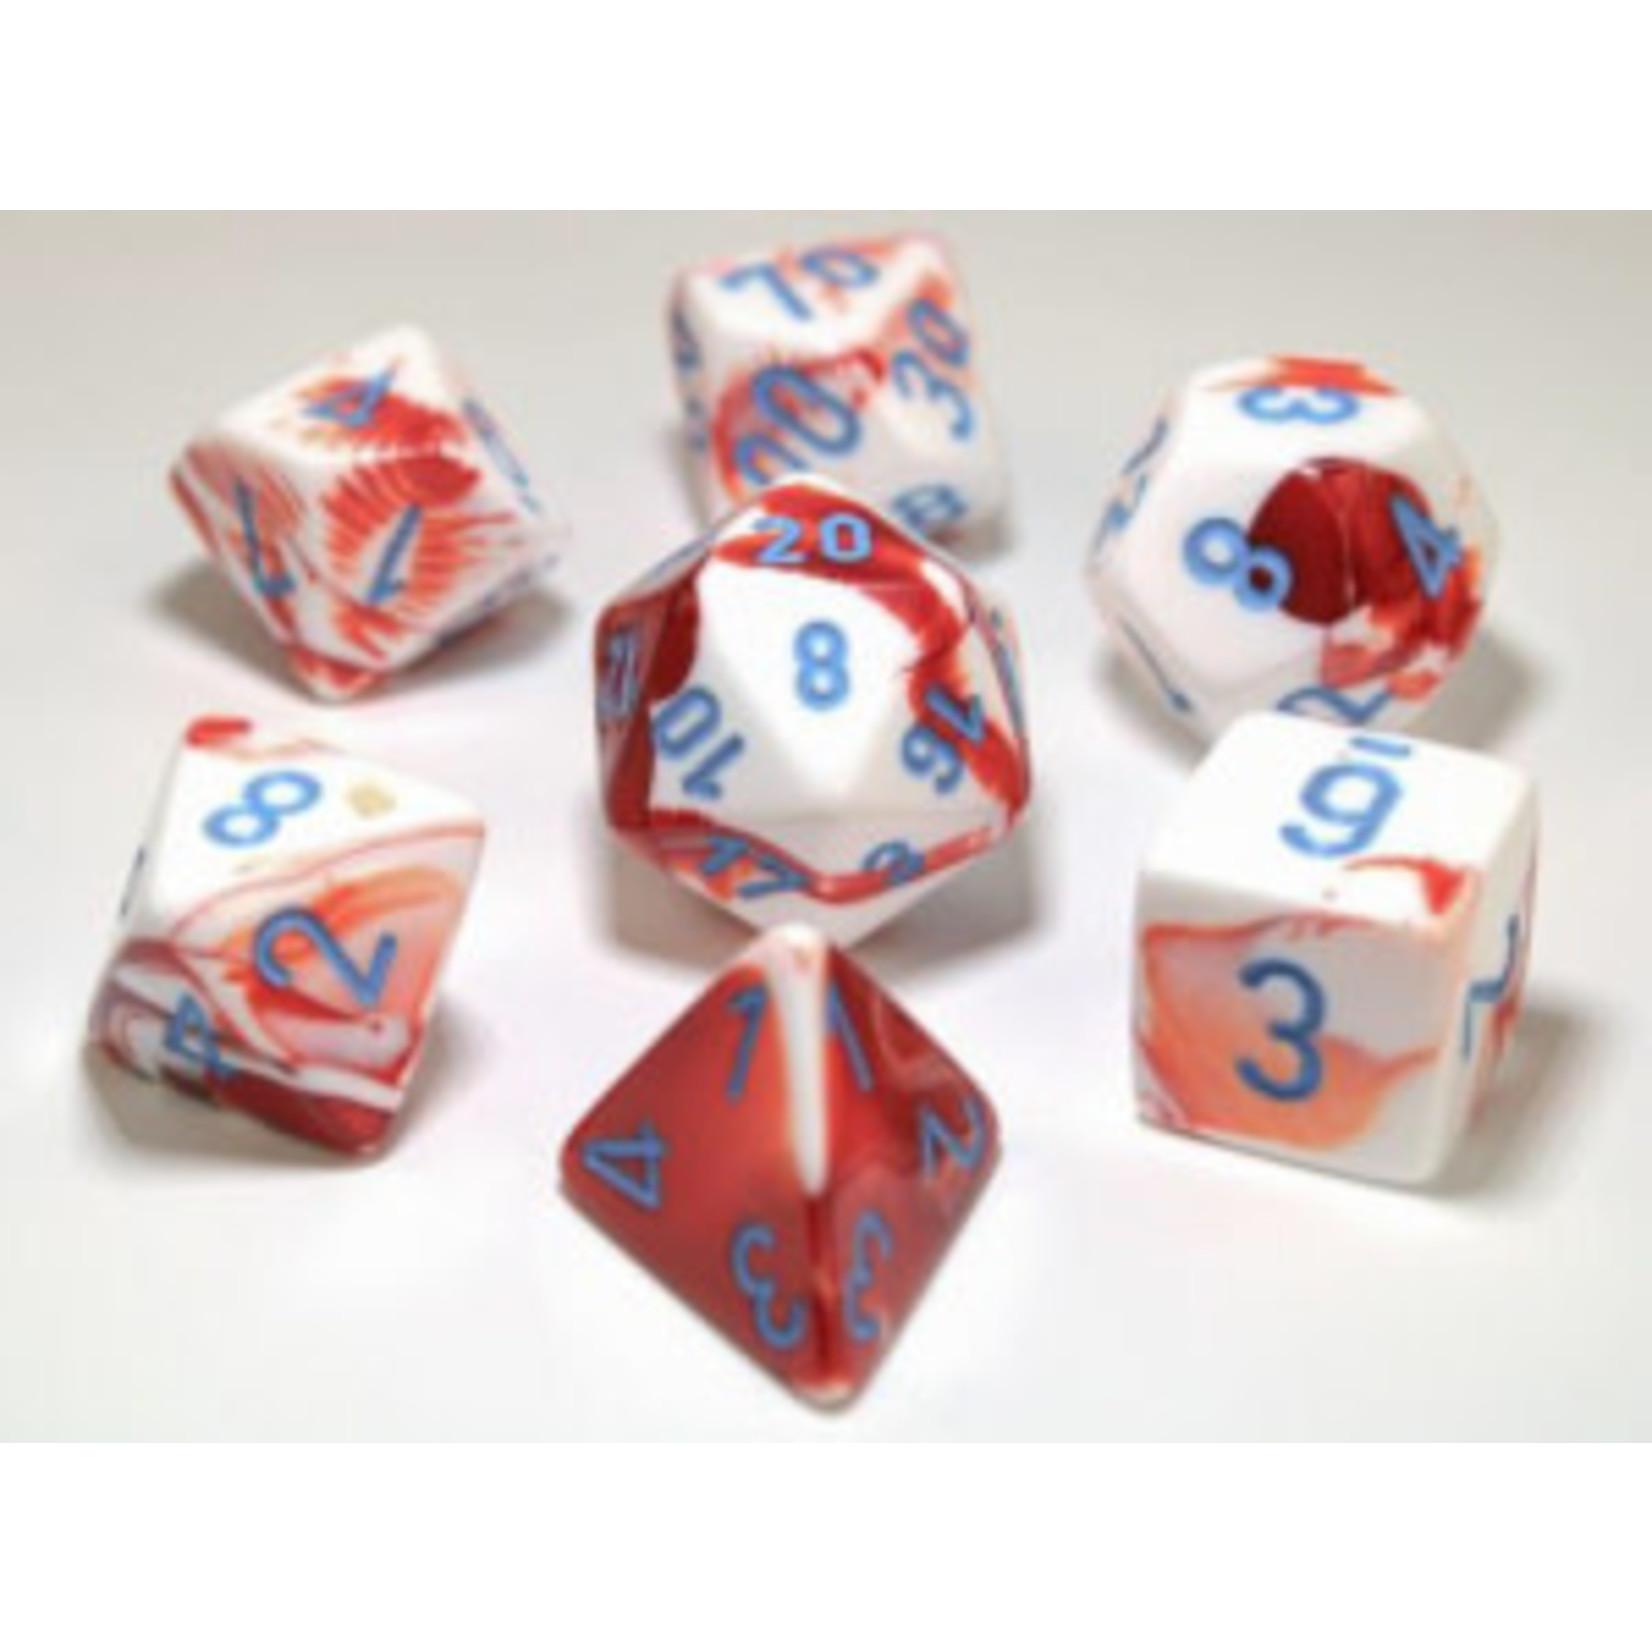 Chessex Lab Dice - 7D Gemini Red-White/Blu